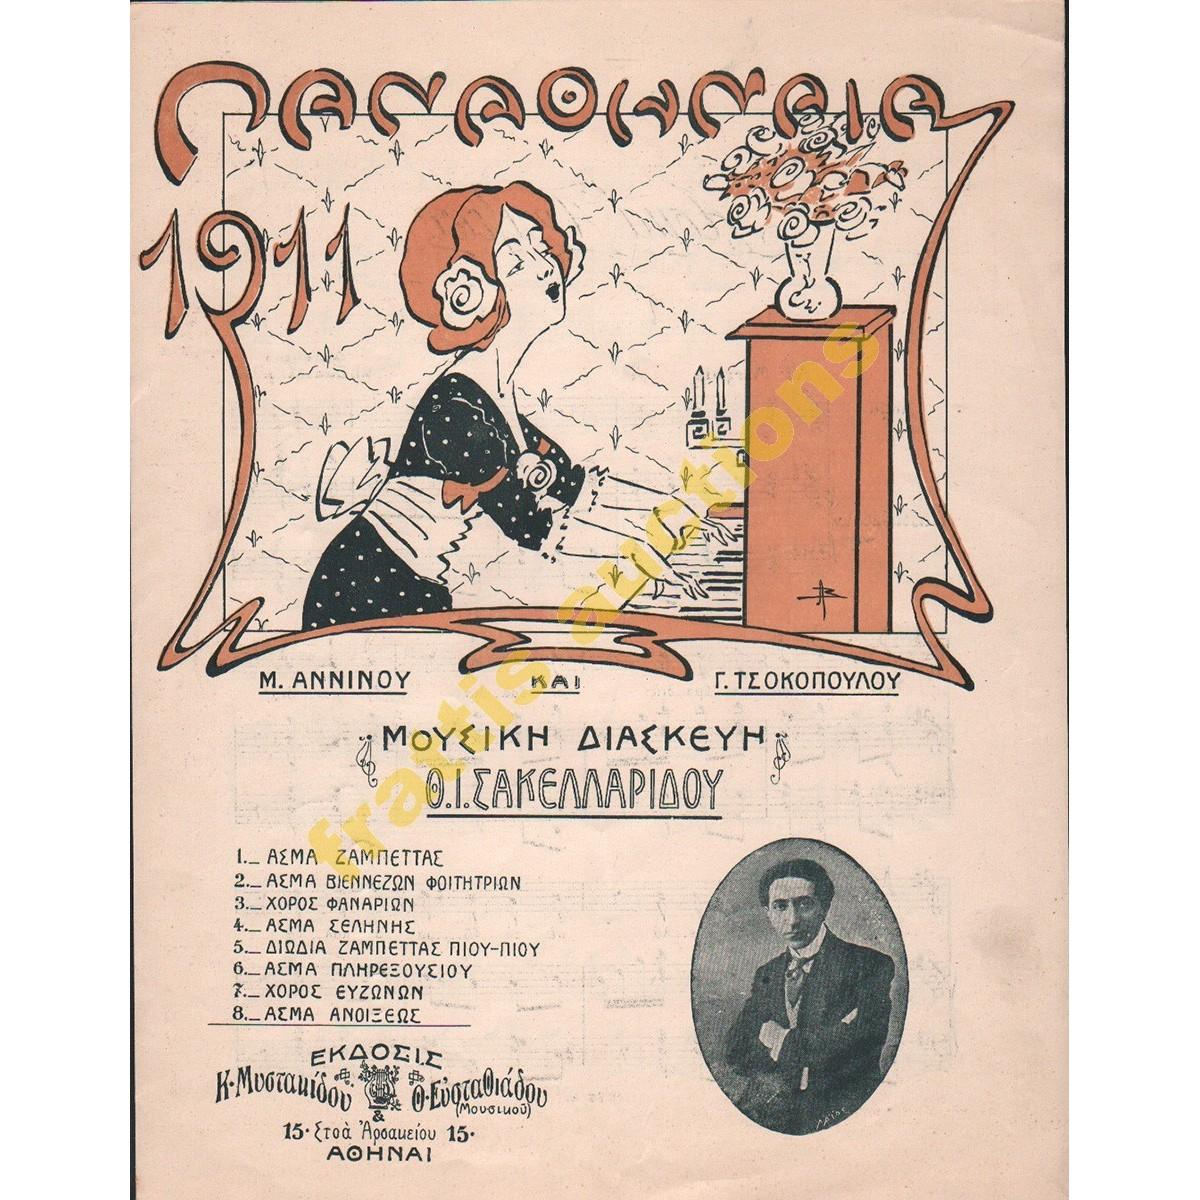 Παναθήναια 1911,παρτιτούρα.